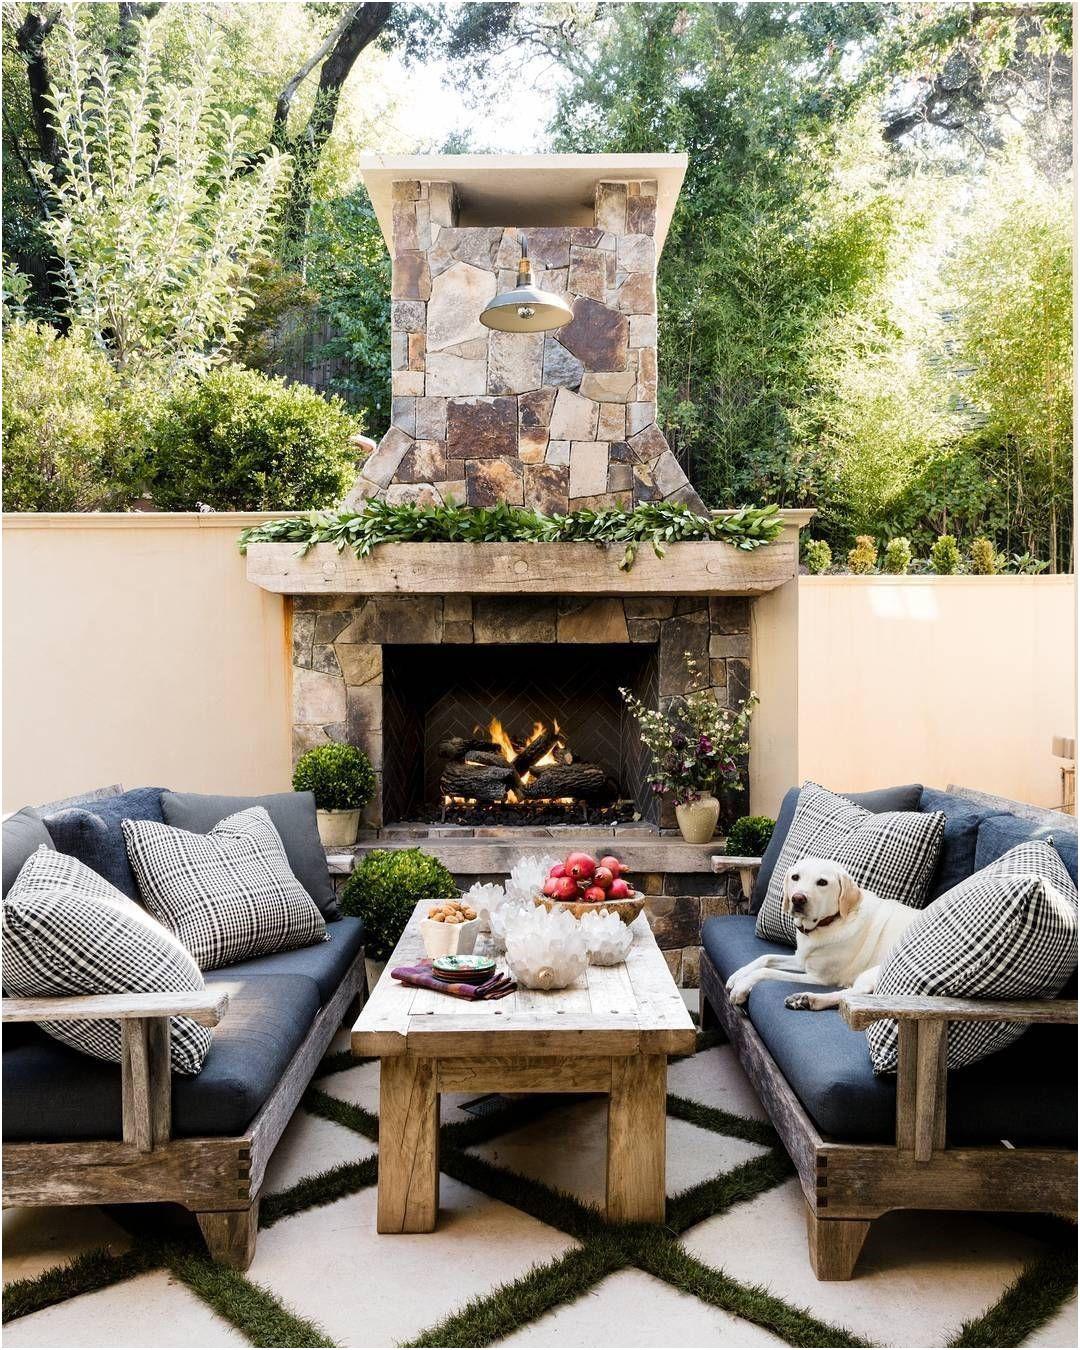 Outdoor Fireplace Idea Best Of Patio Fireplace Idea the Simple Gardener